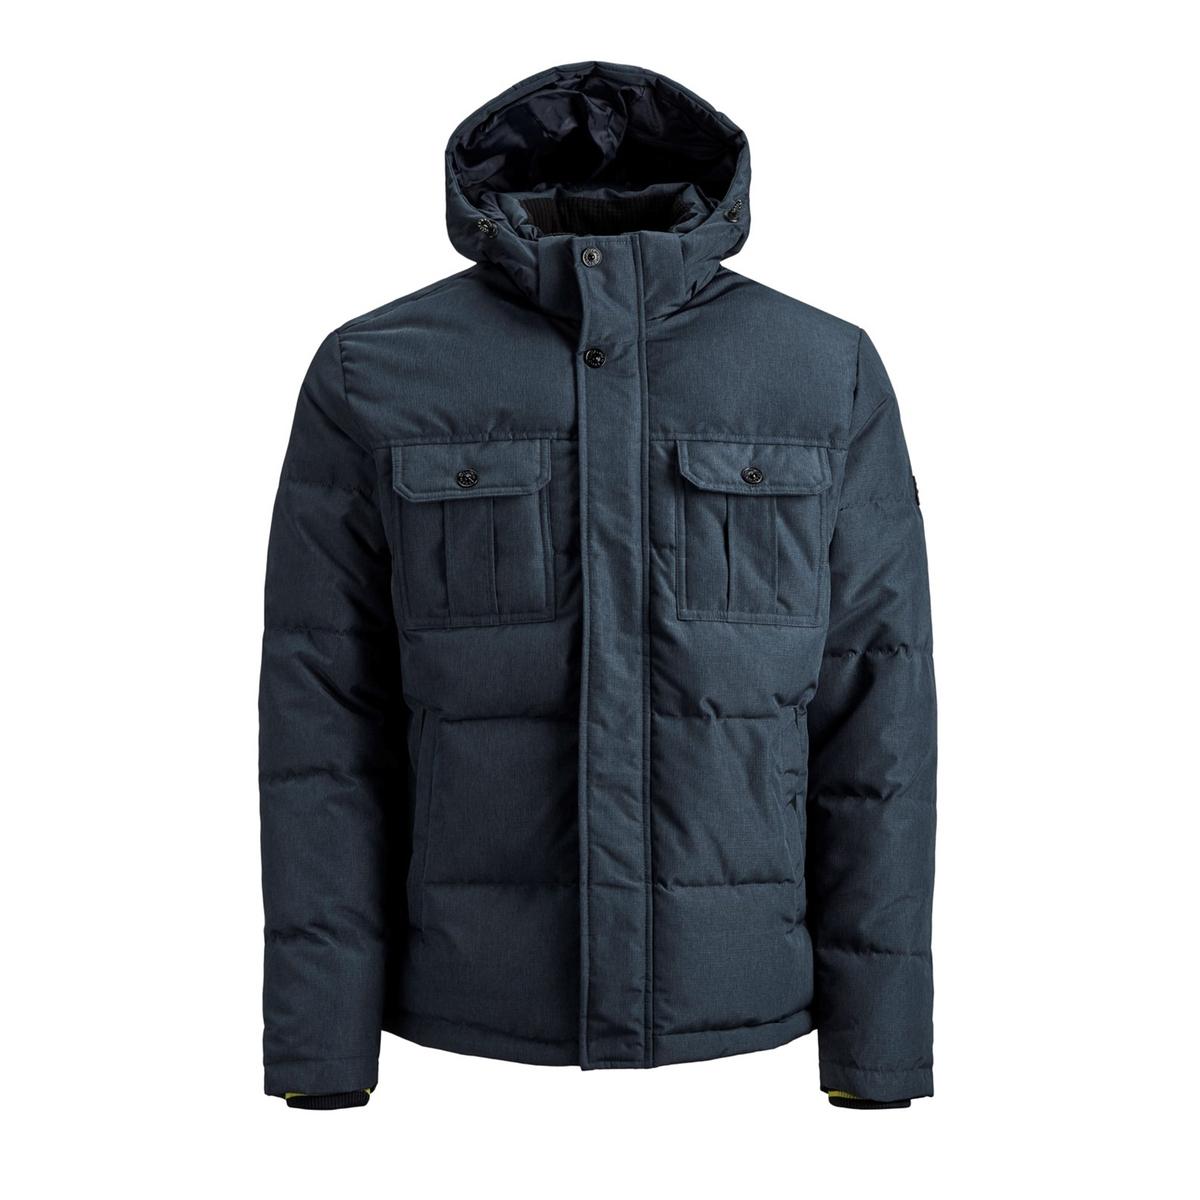 Куртка LaRedoute Стеганая утепленная с капюшоном Jcowill S синий куртка la redoute стеганая на молнии с капюшоном idaho 2 3xl синий